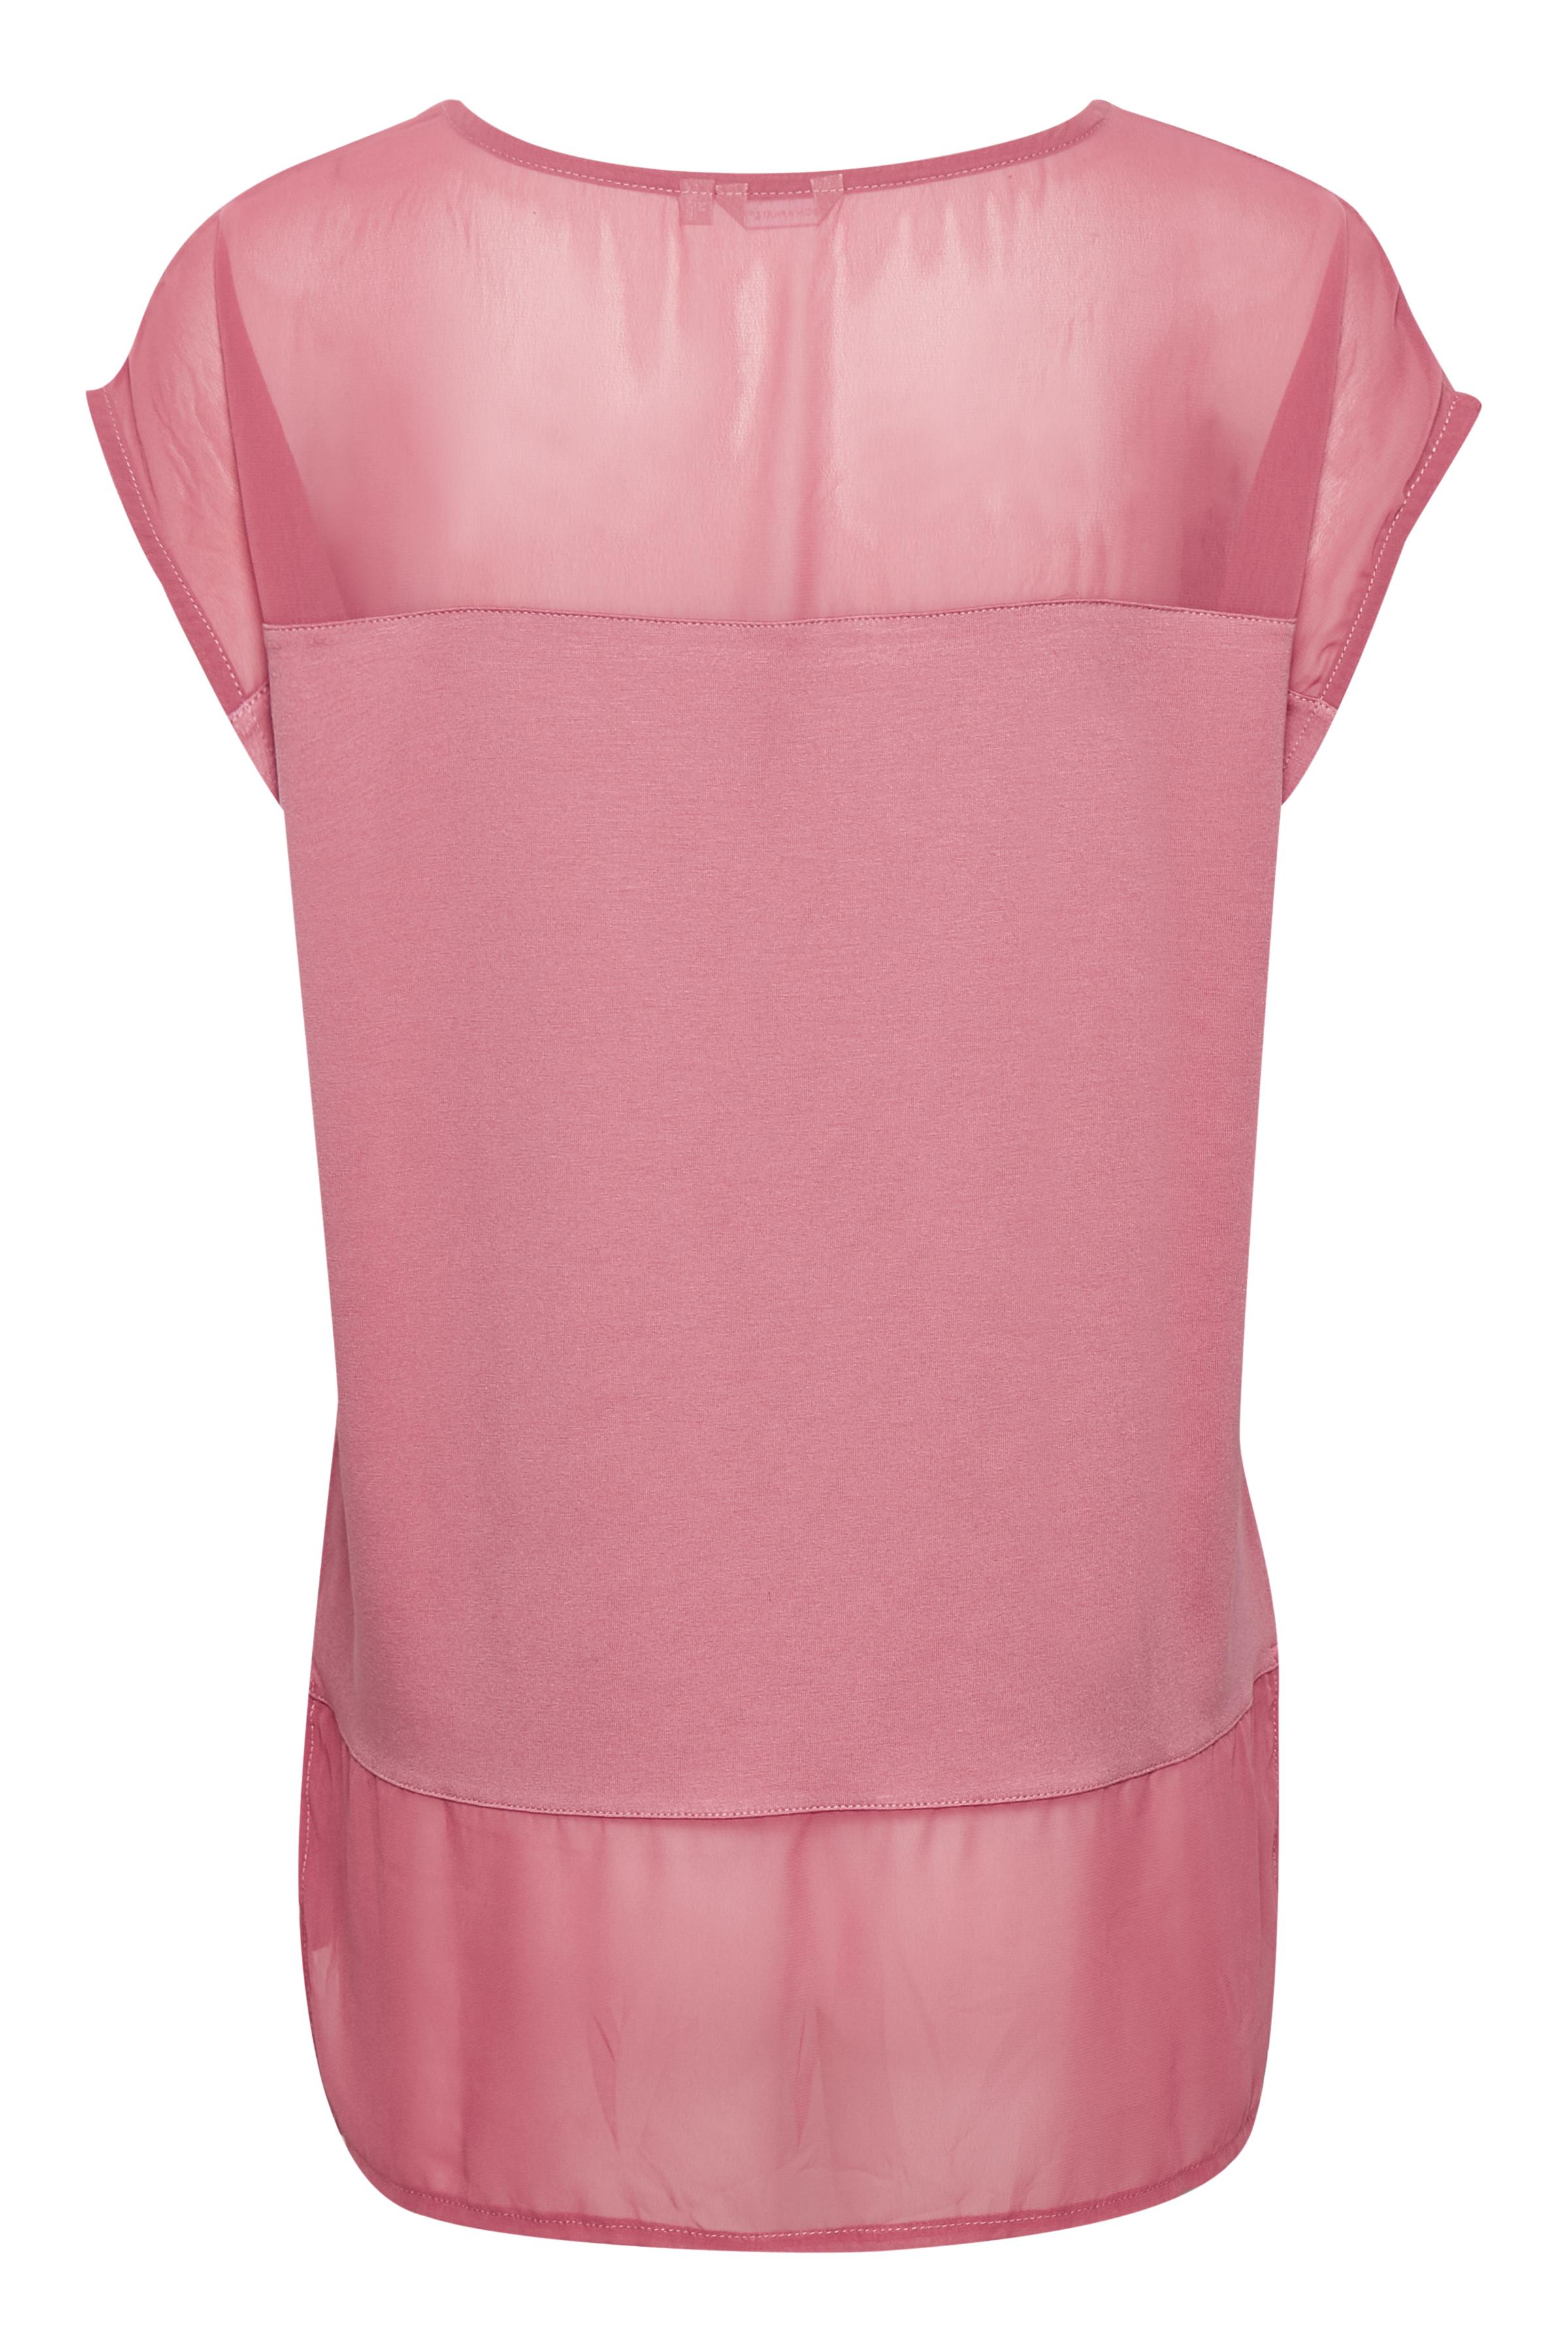 Mörk rosa Kortärmad T-shirt från Bon'A Parte – Köp Mörk rosa Kortärmad T-shirt från stl. S-2XL här